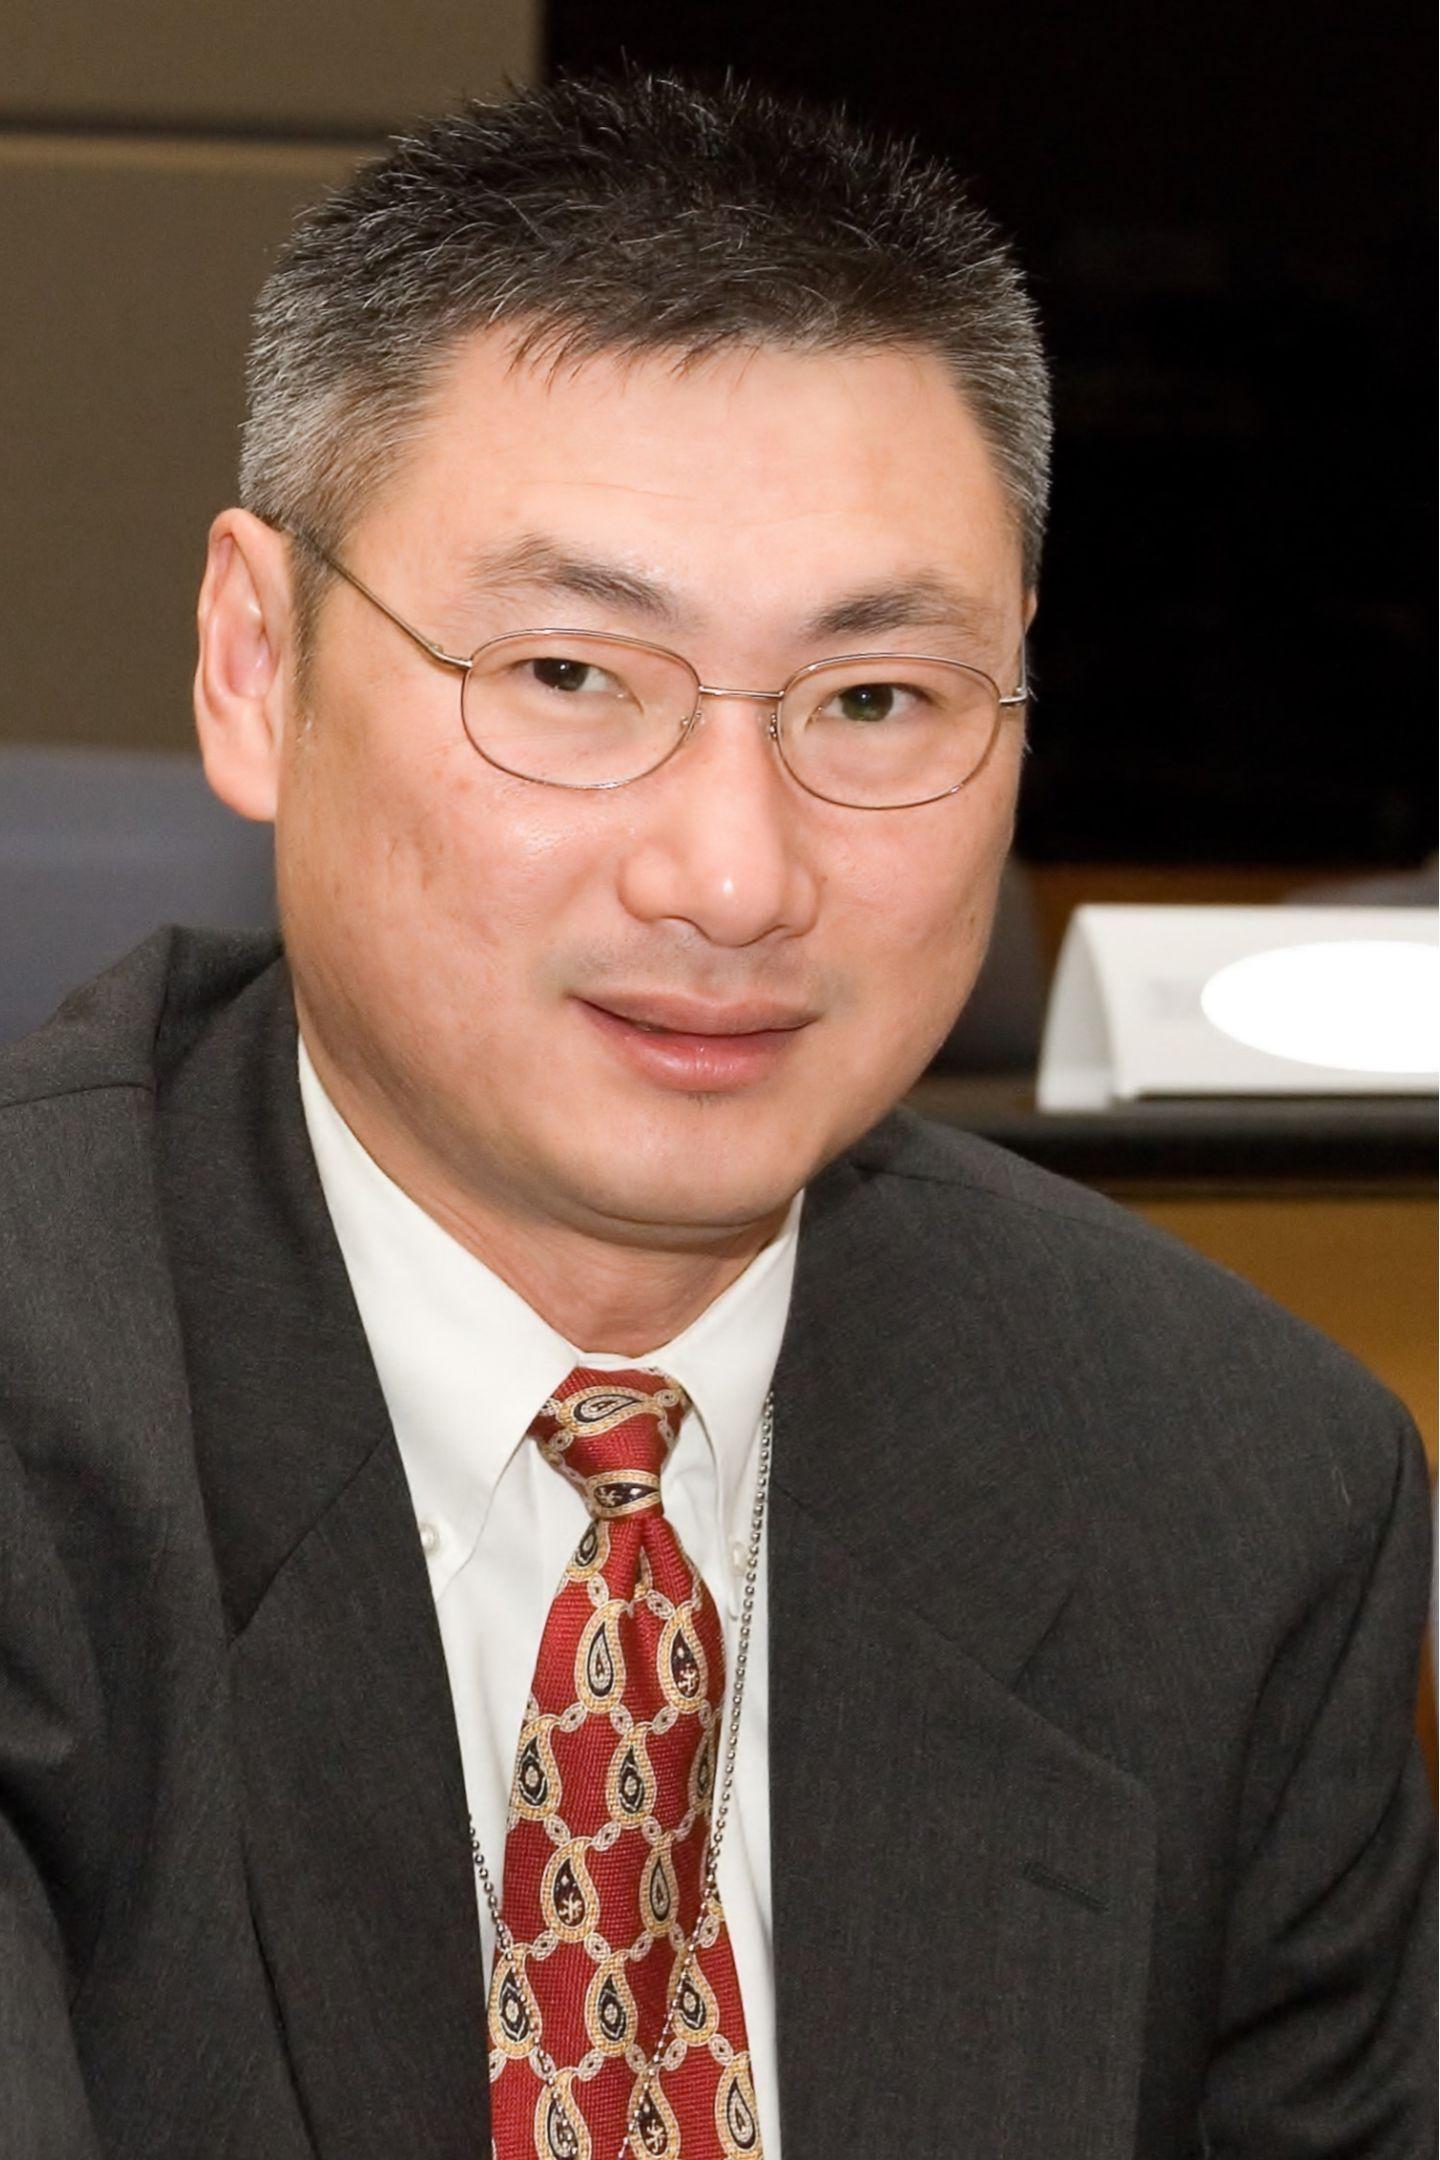 Mike Magdesian, Real Estate Agent - Yorba Linda, CA